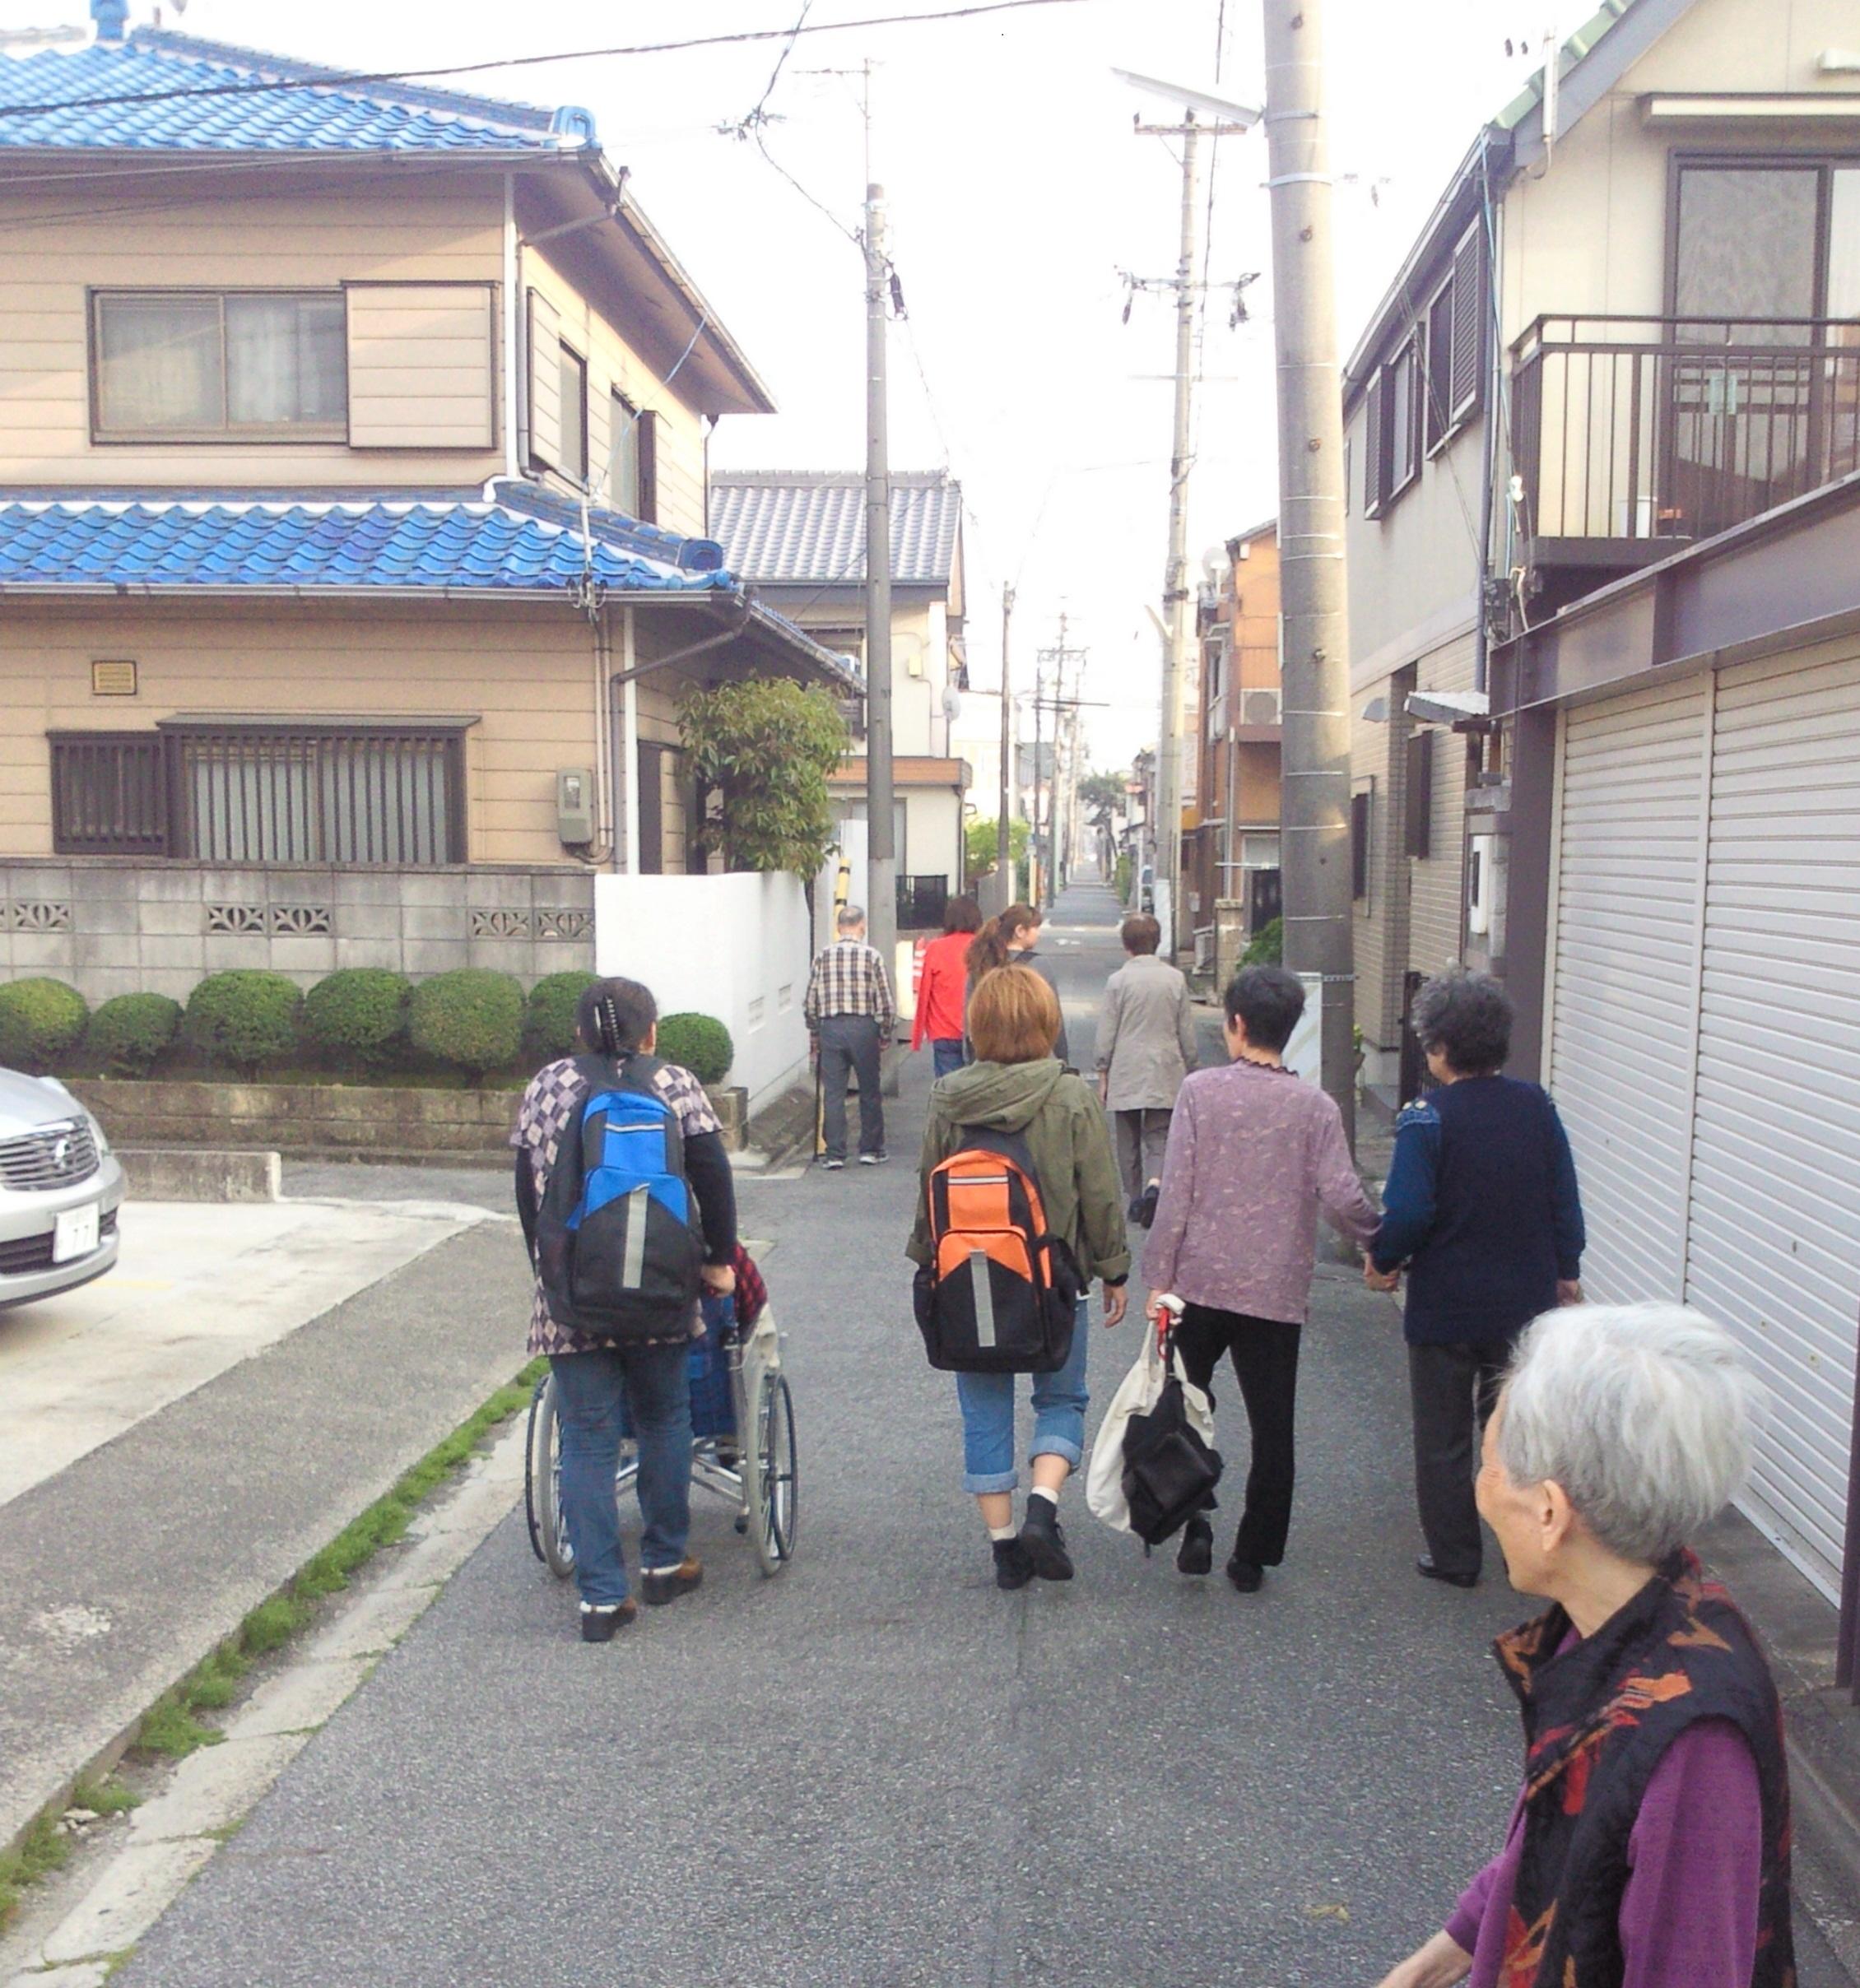 20120424 道行く人々 午後